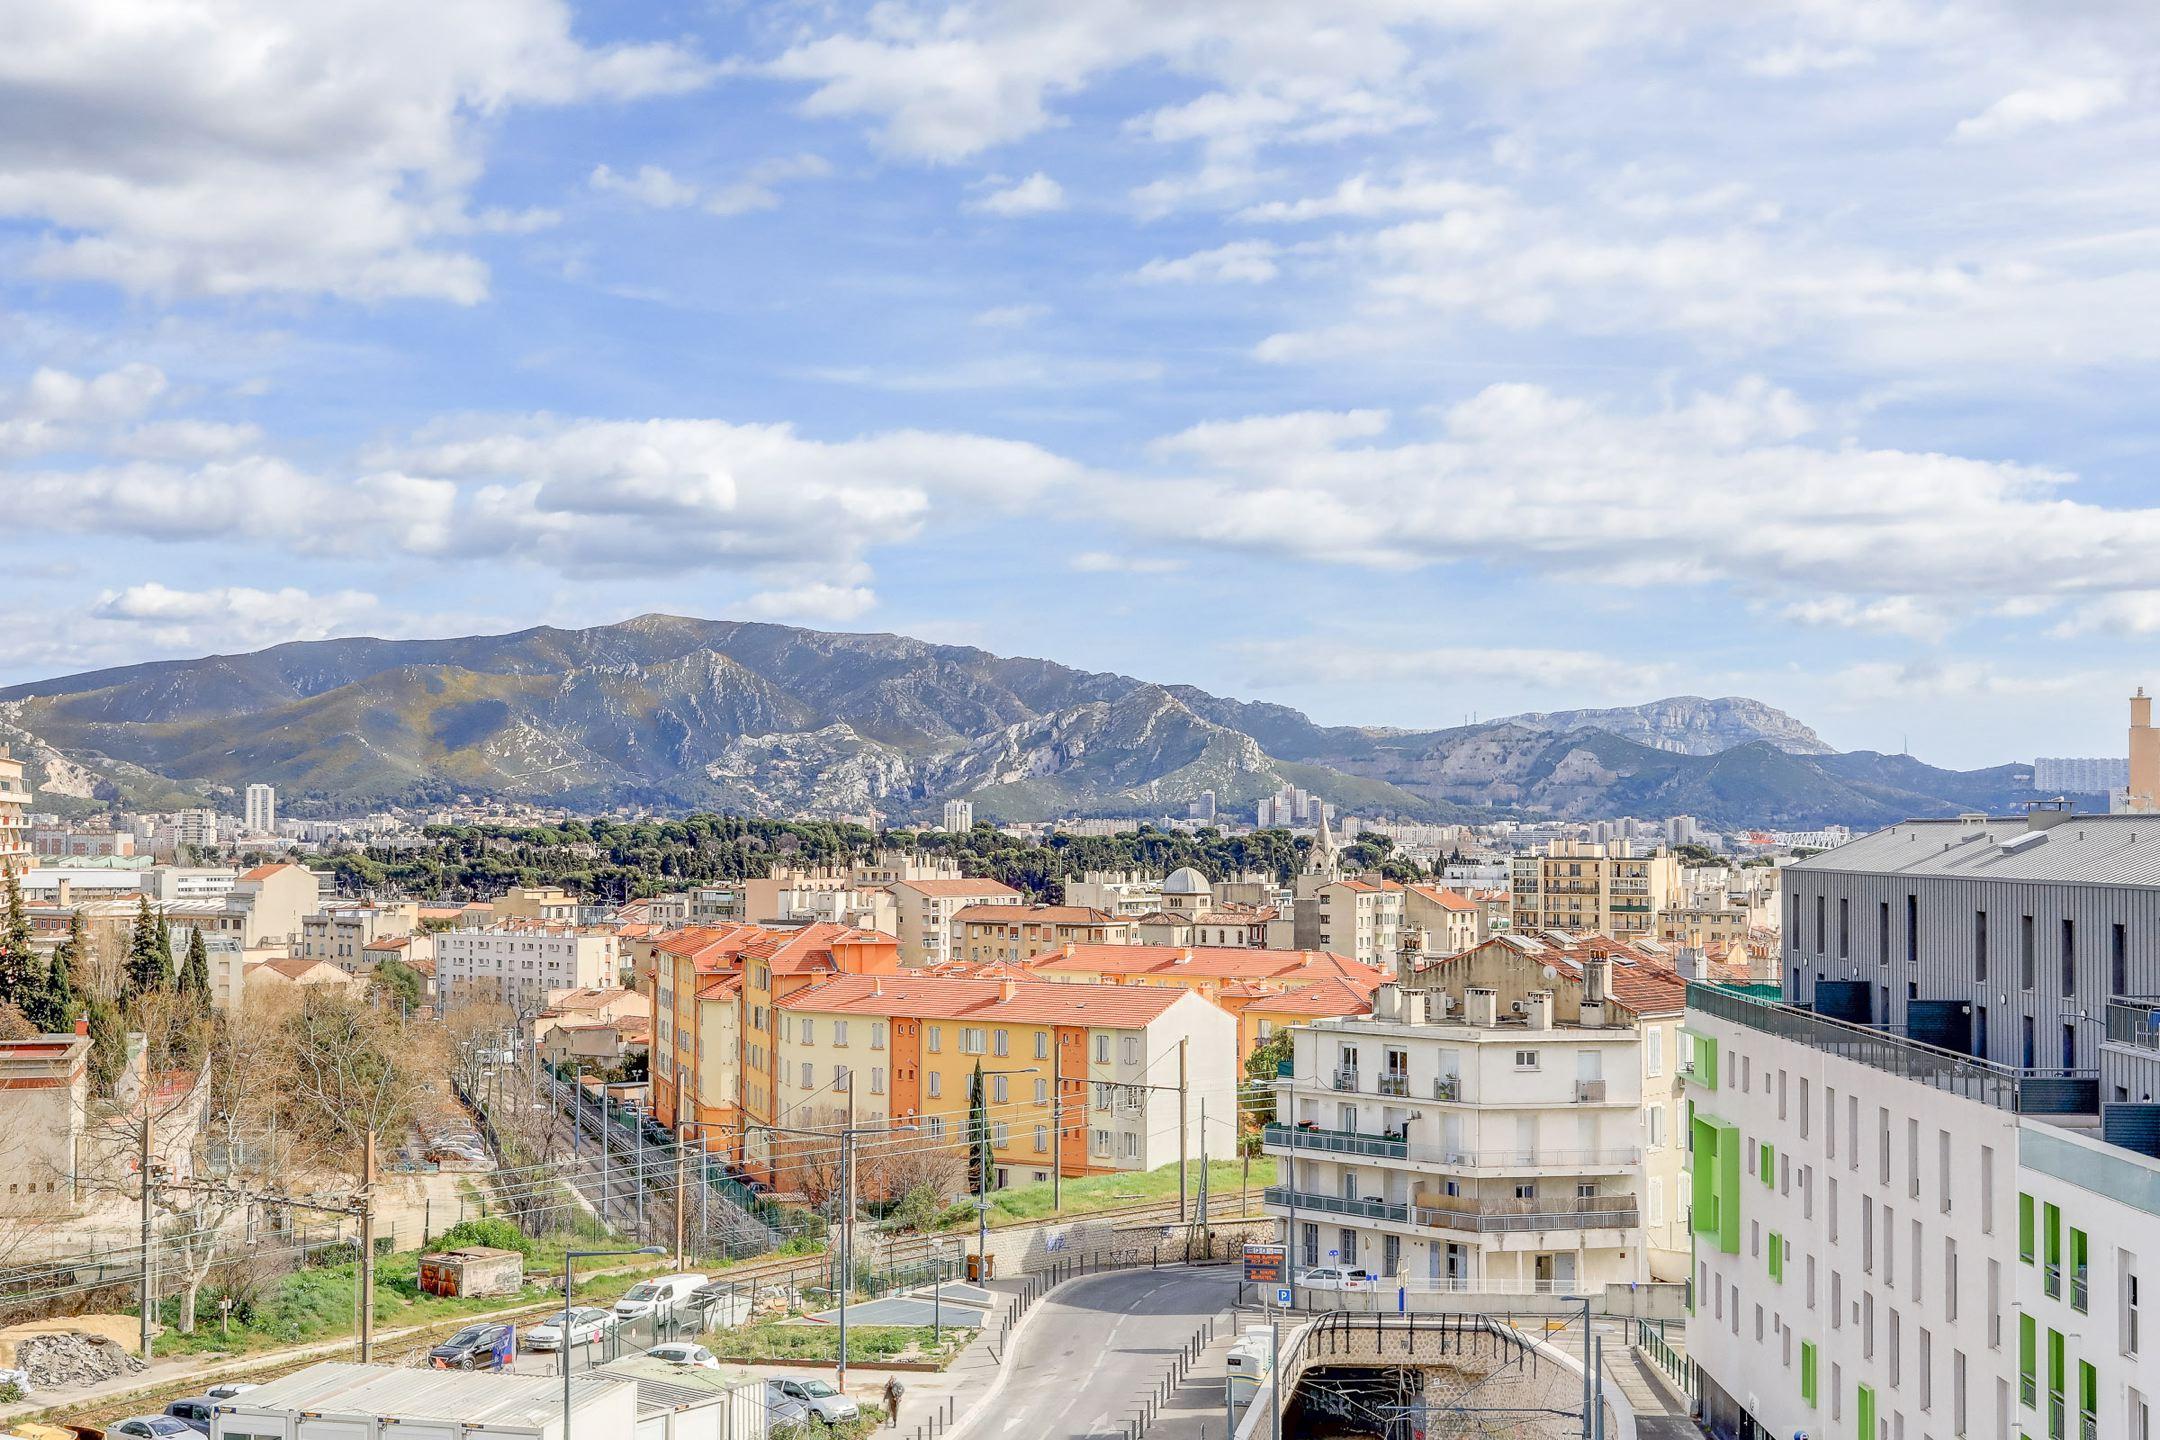 Les monts de Marseille plein les yeux